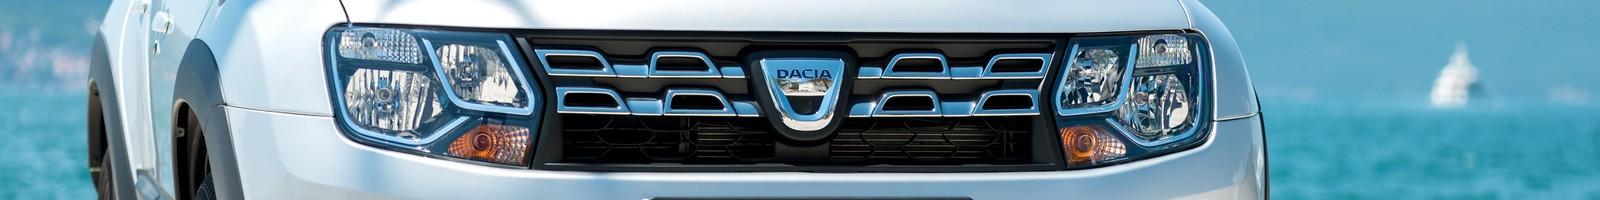 Le marché automobile européen a été victime d'une comparaison défavorable au mois d'août 2019